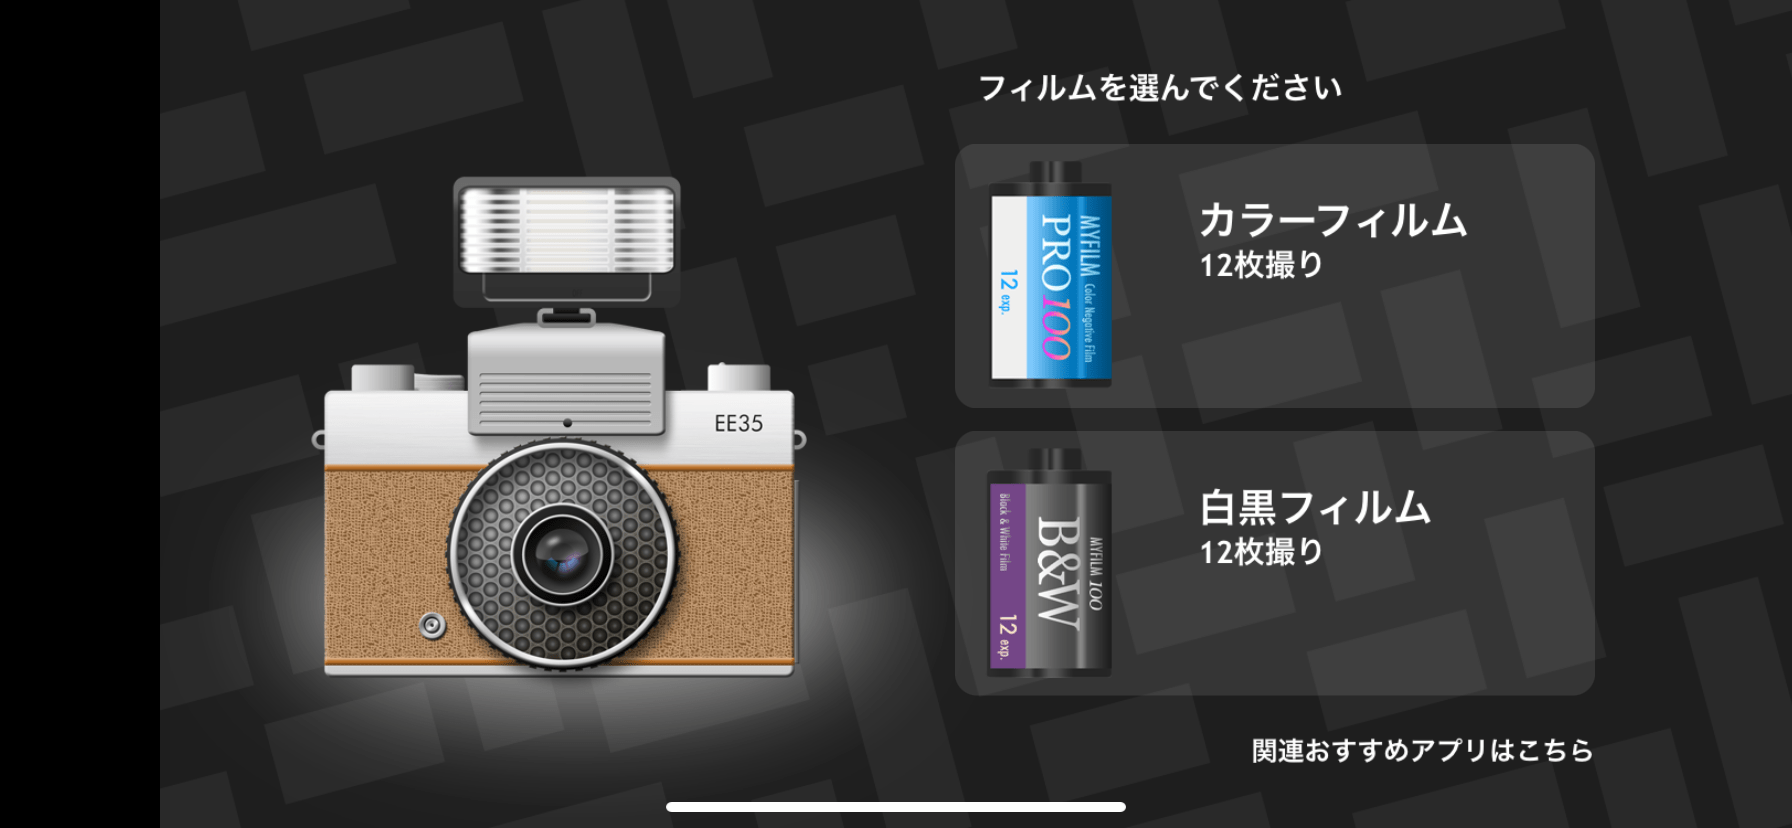 「EE35 フィルムカメラ」を使ってみた